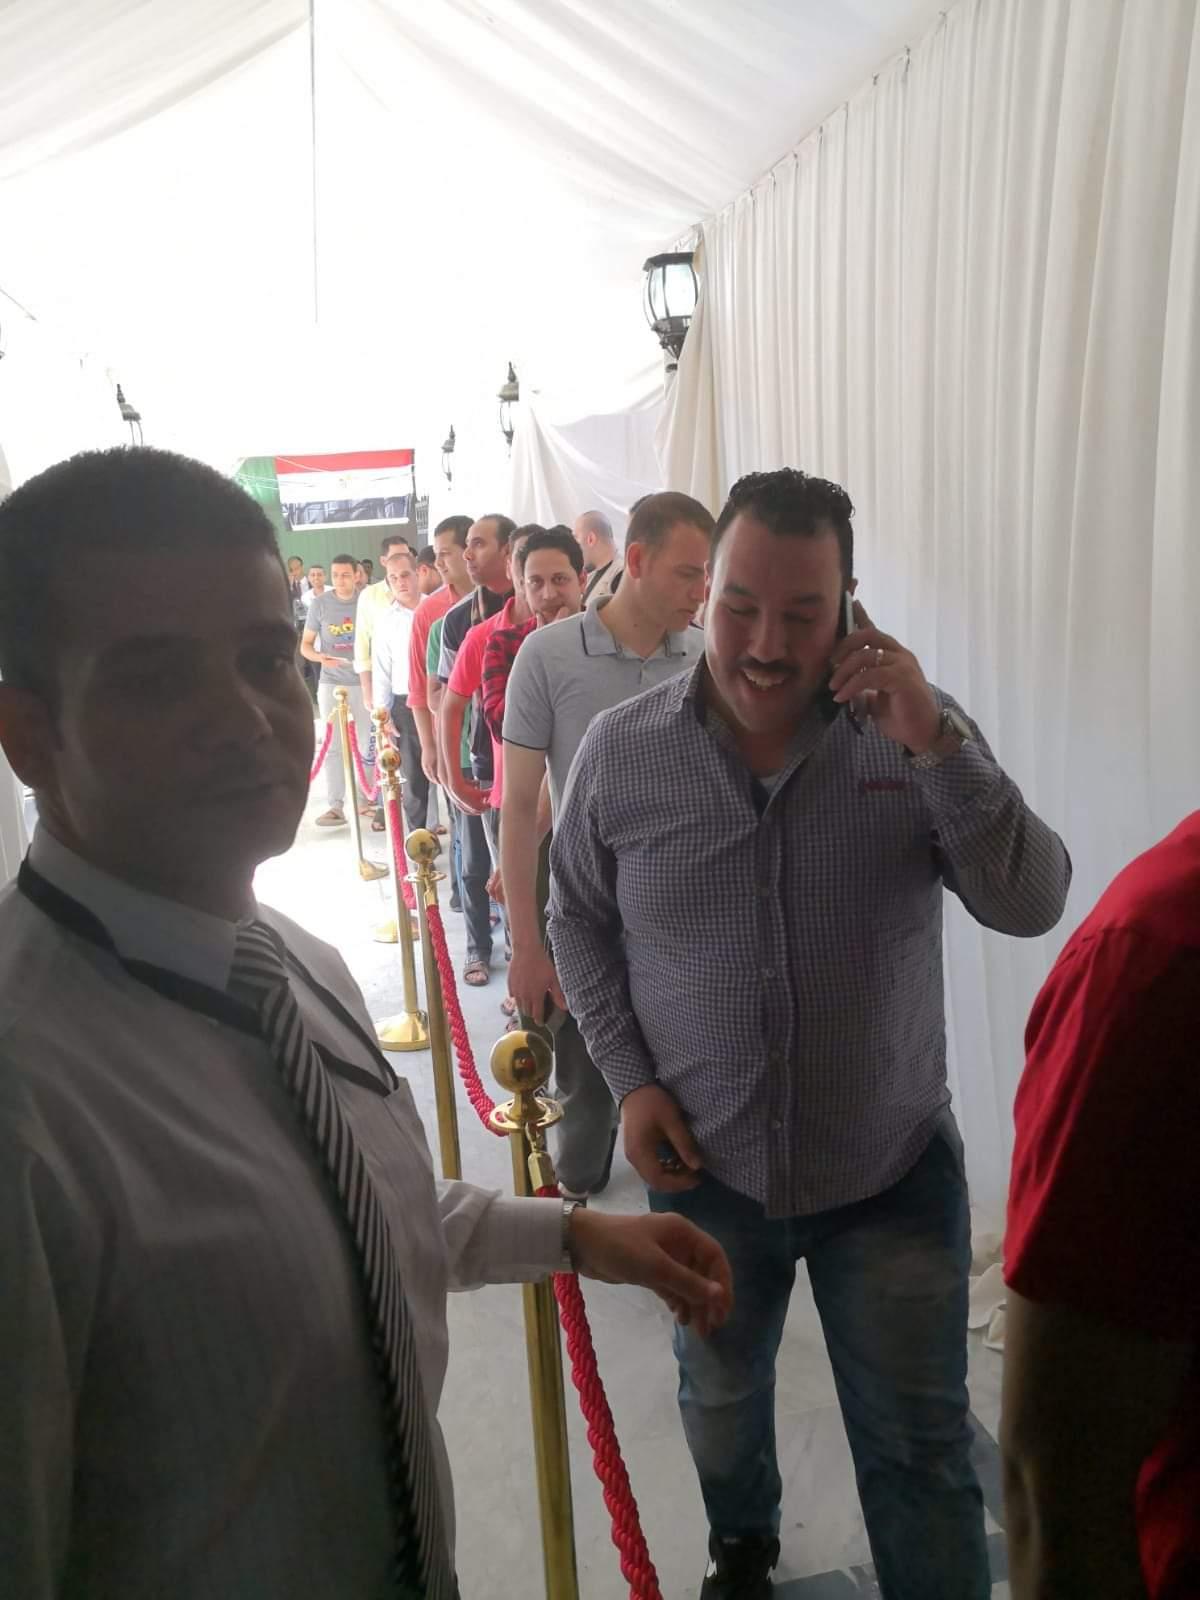 الشباب المصرى المقيم يحرص على المشاركة فى الاستفتاء